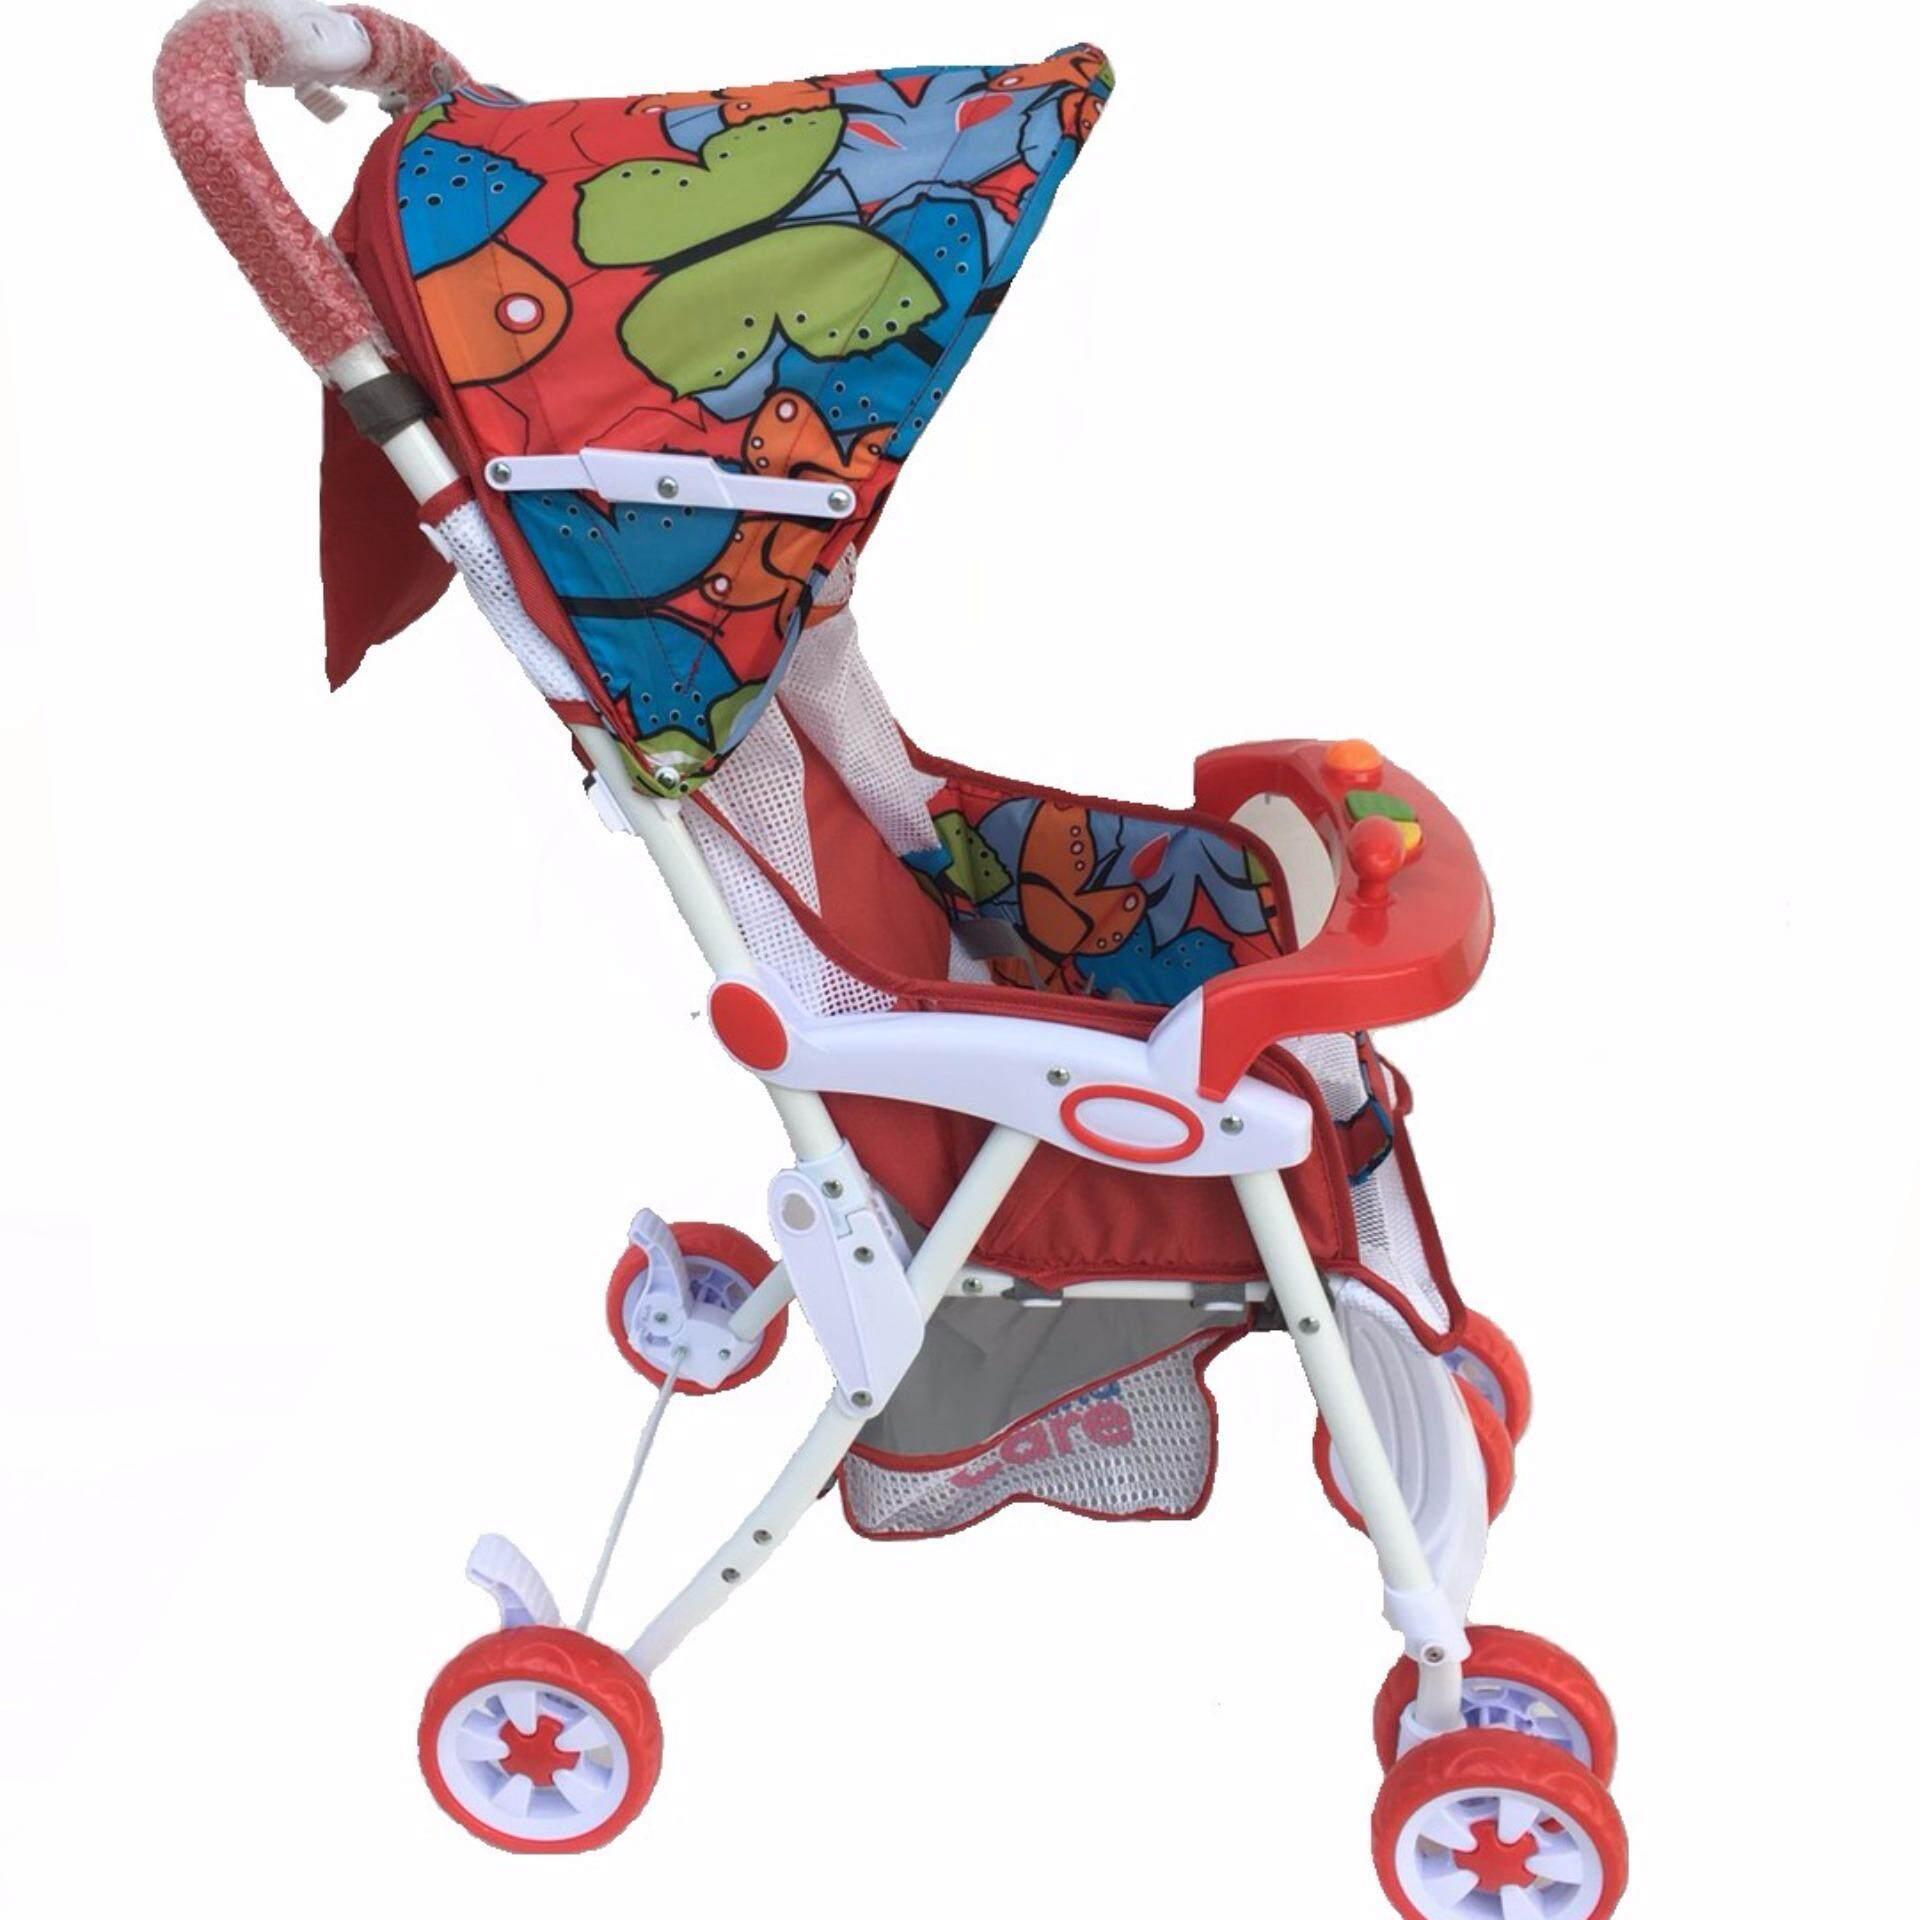 สั่งซื้อ  Mindcare  รถเข็นเด็ก รุ่นชิลชิล -  (Red Butterfly) รุ่นนี้ขายดีที่สุด